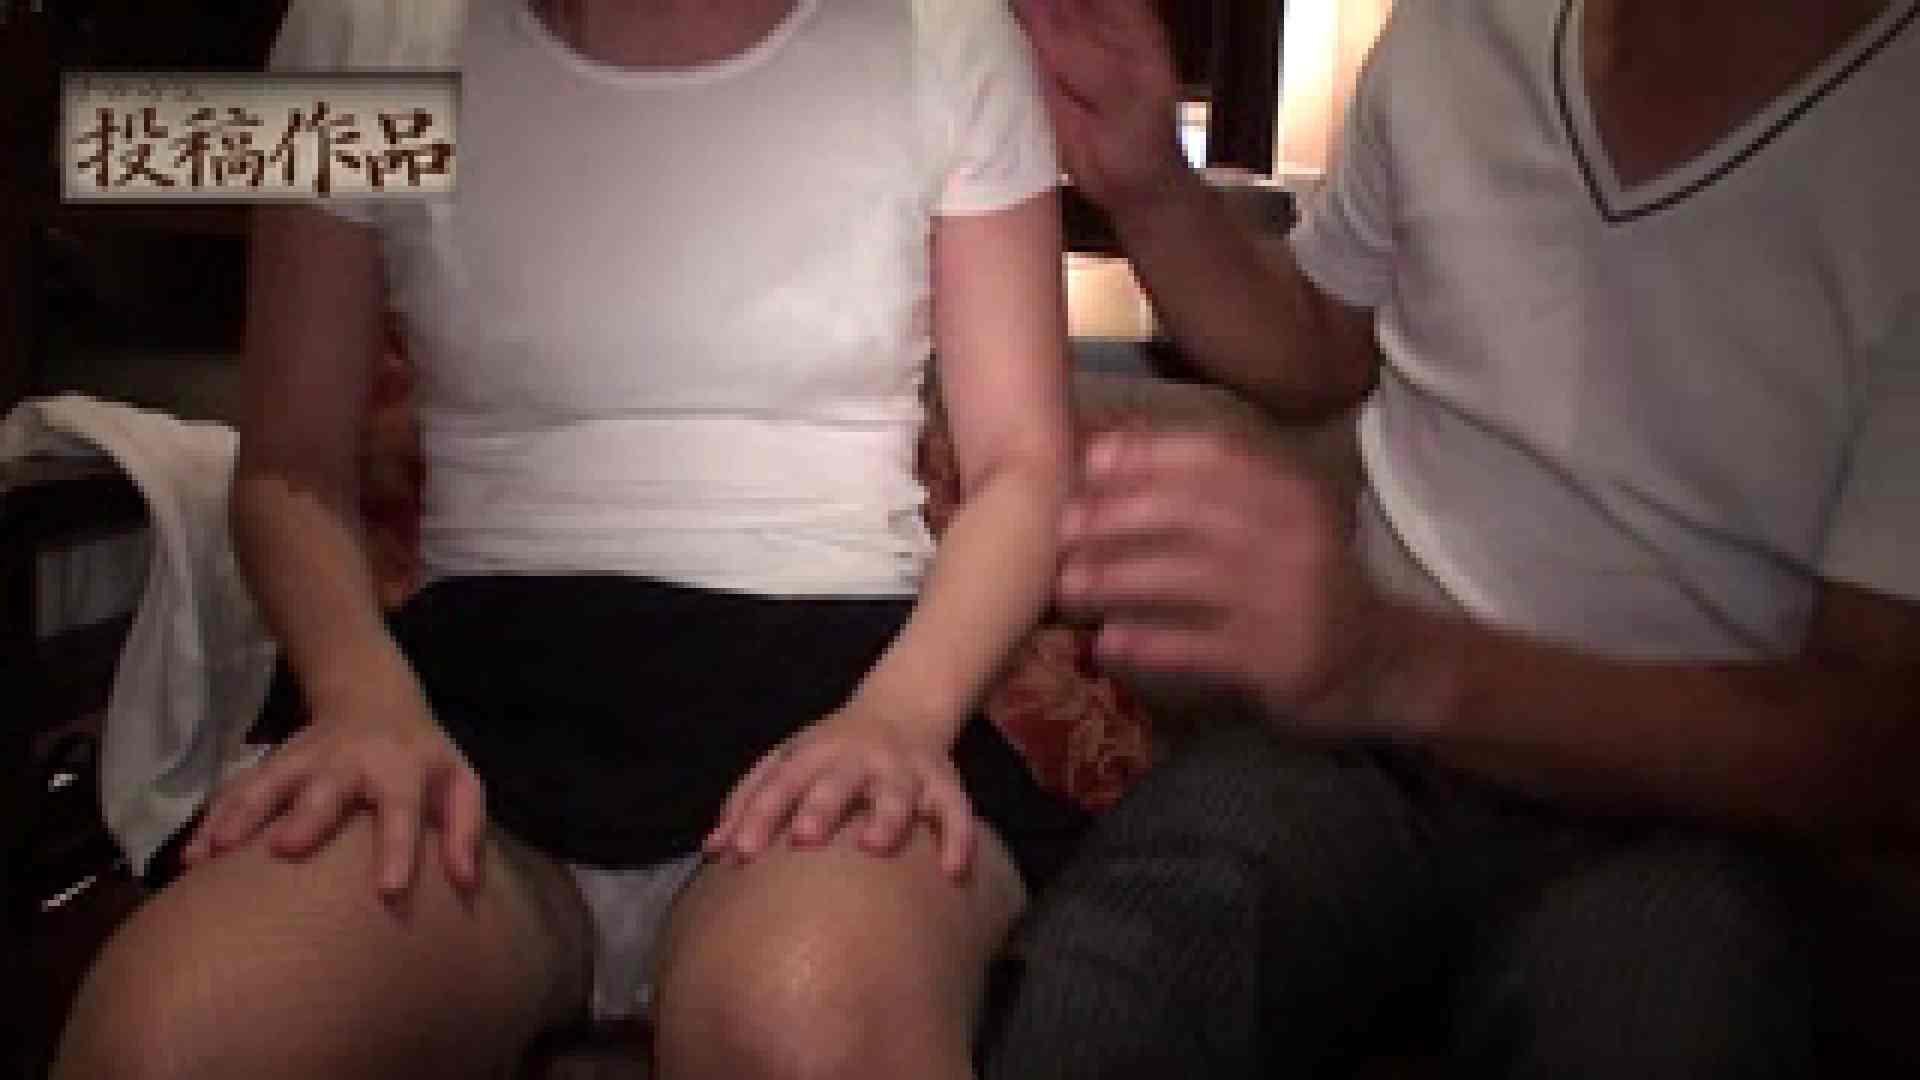 ナマハゲさんのまんこコレクション第3弾 mayumi 淫乱 | 丸見え  94連発 13